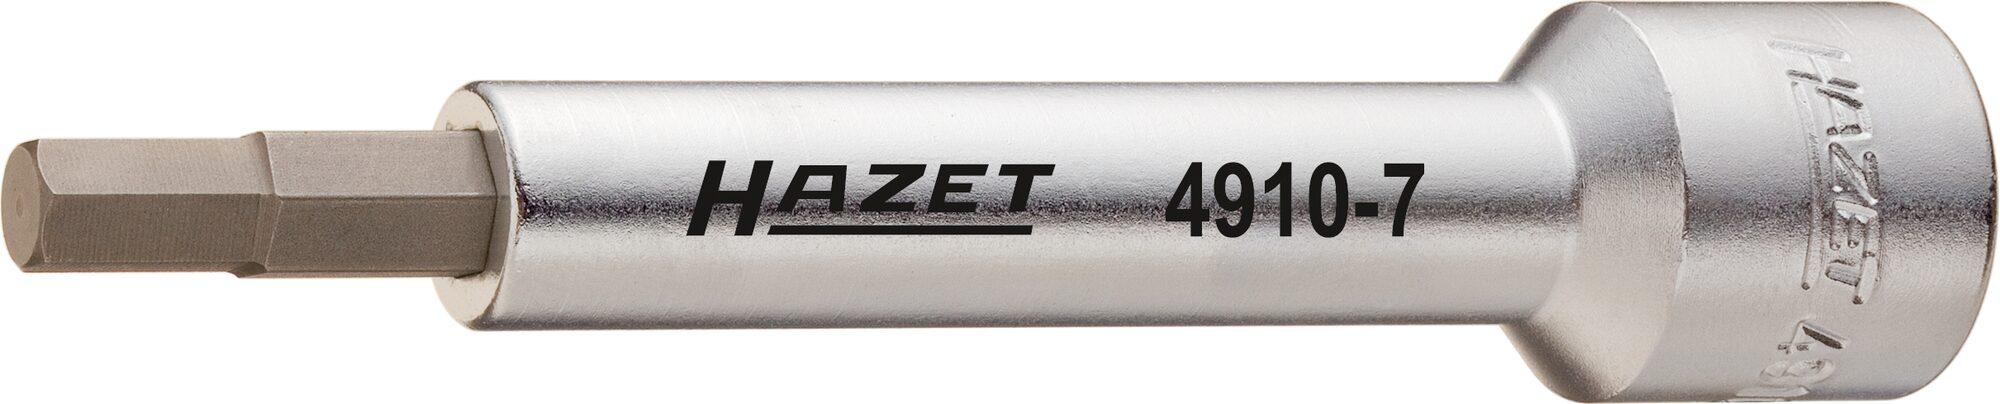 HAZET Verlängerung 4910-7 ∙ Vierkant hohl 12,5 mm (1/2 Zoll) ∙ Innen-Sechskant Profil ∙ 7 mm